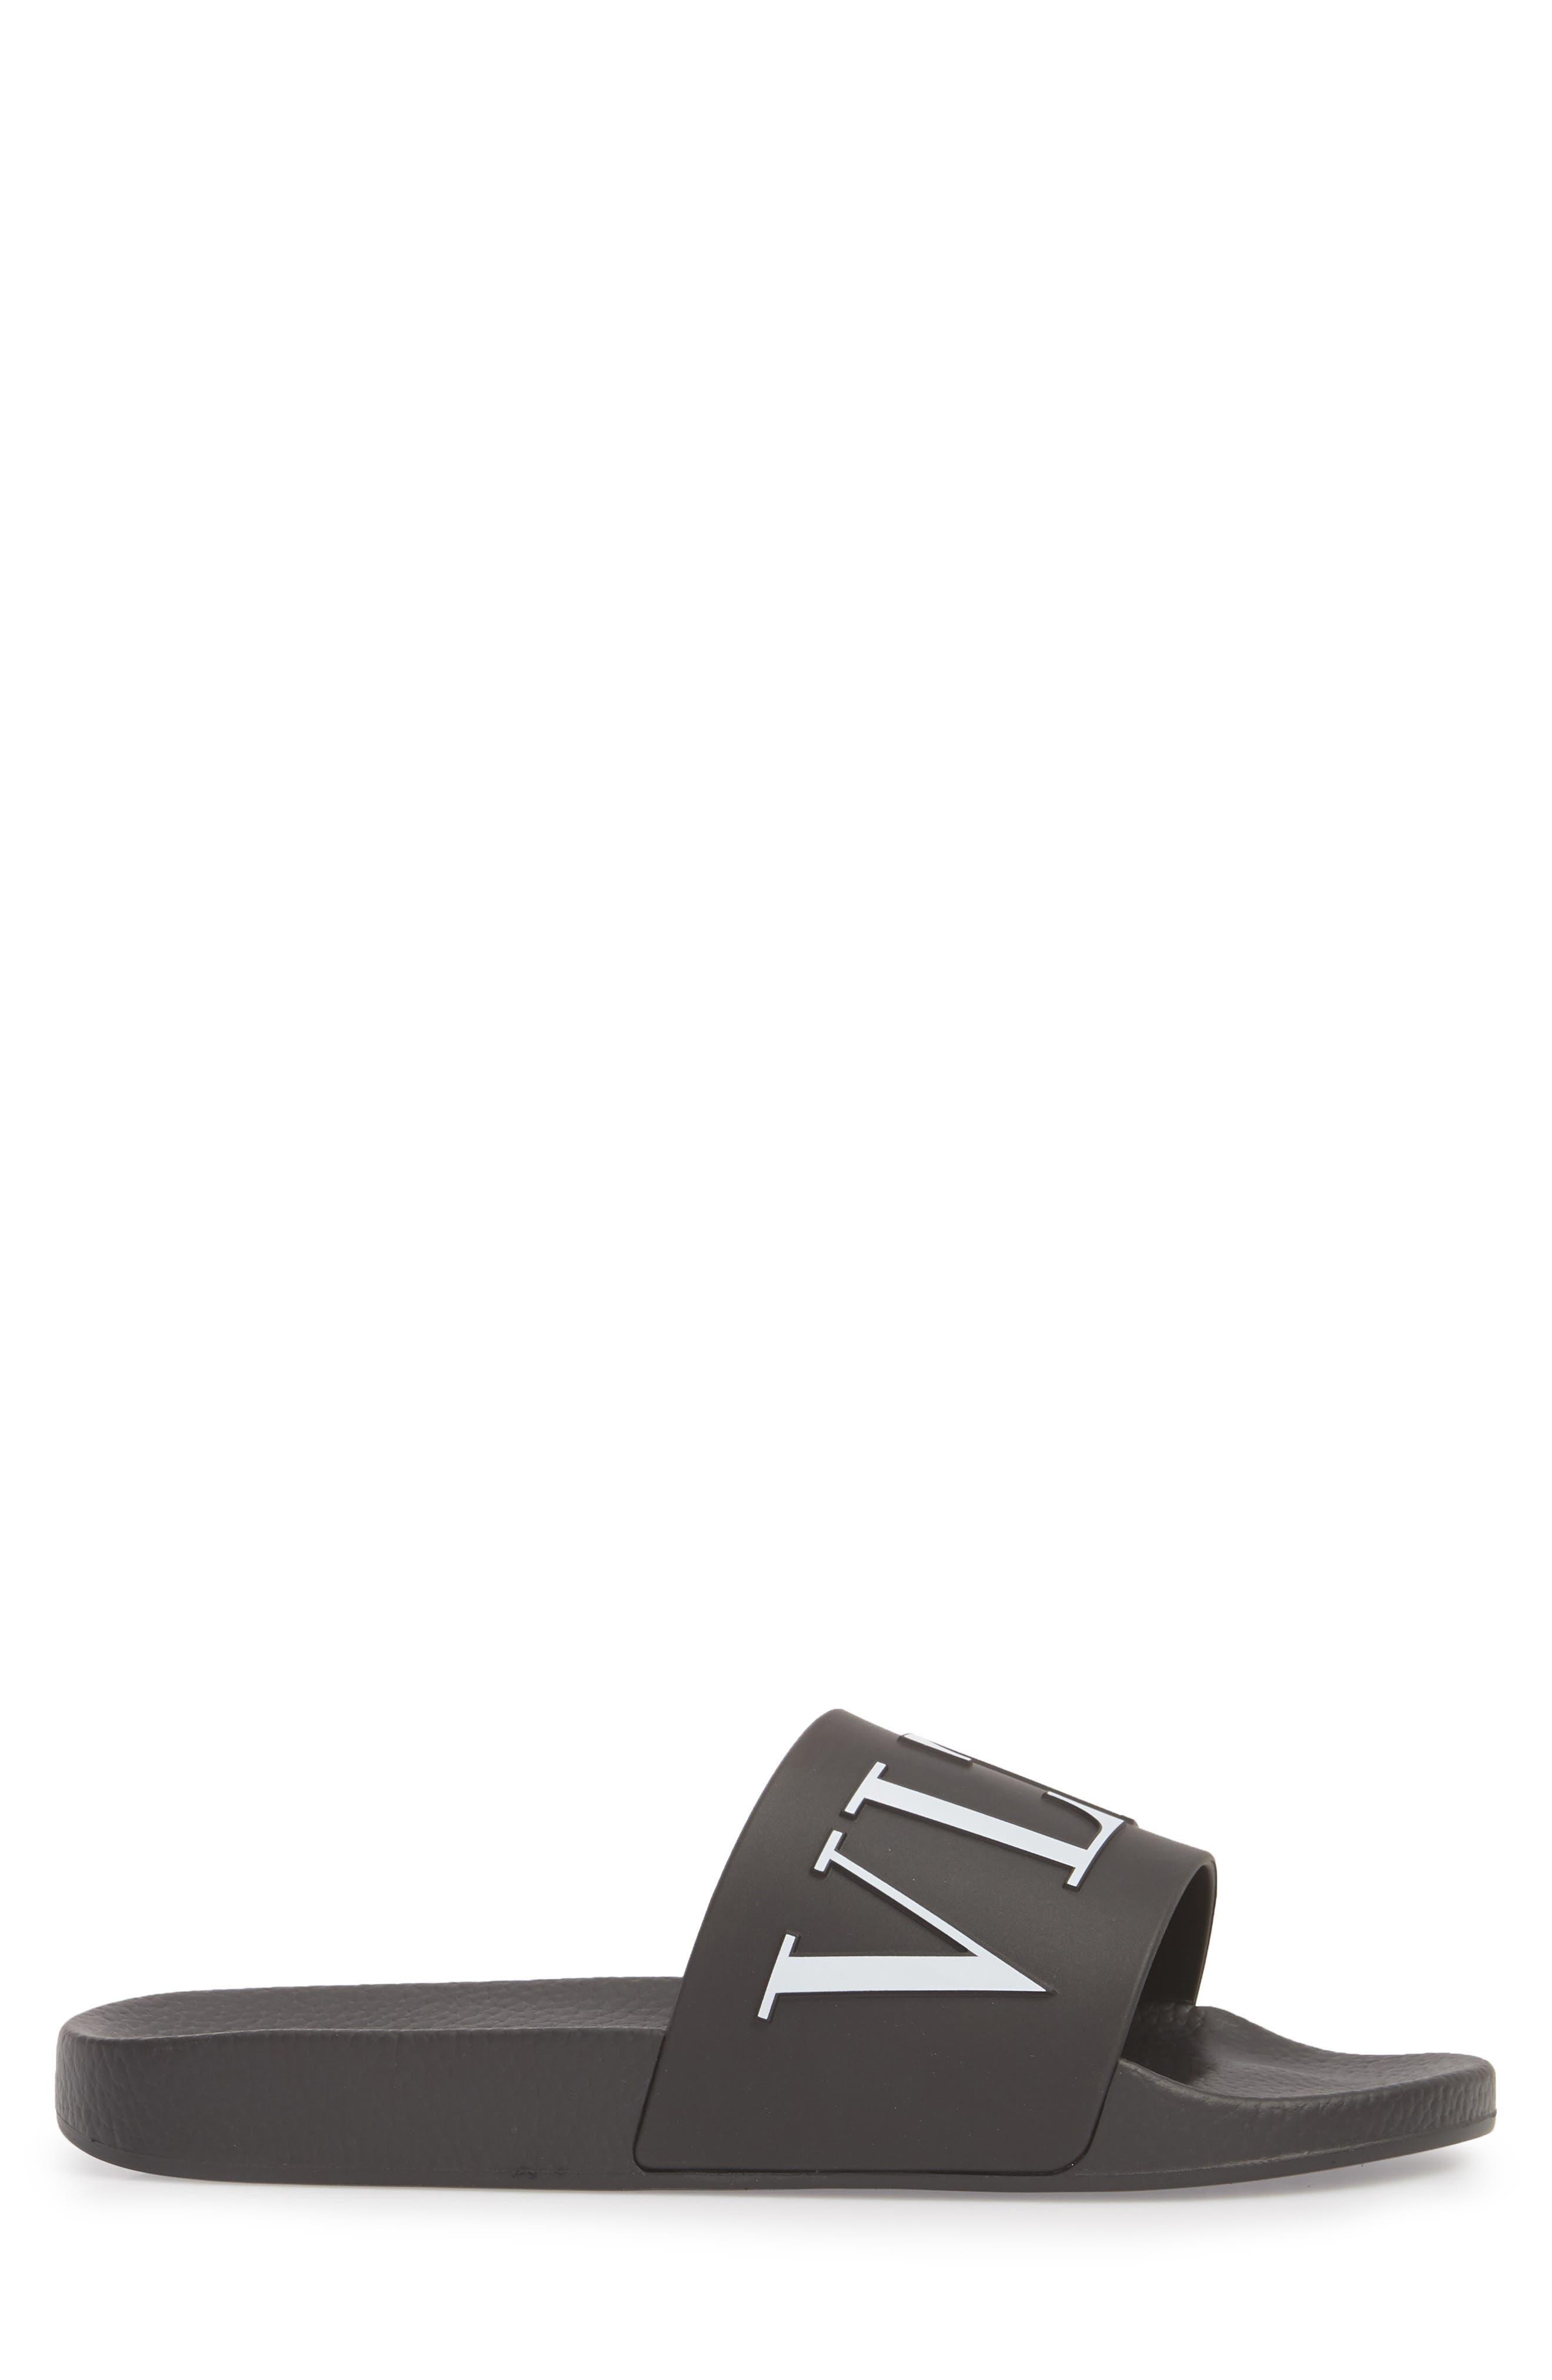 Slide Sandal,                             Alternate thumbnail 3, color,                             Black/ White